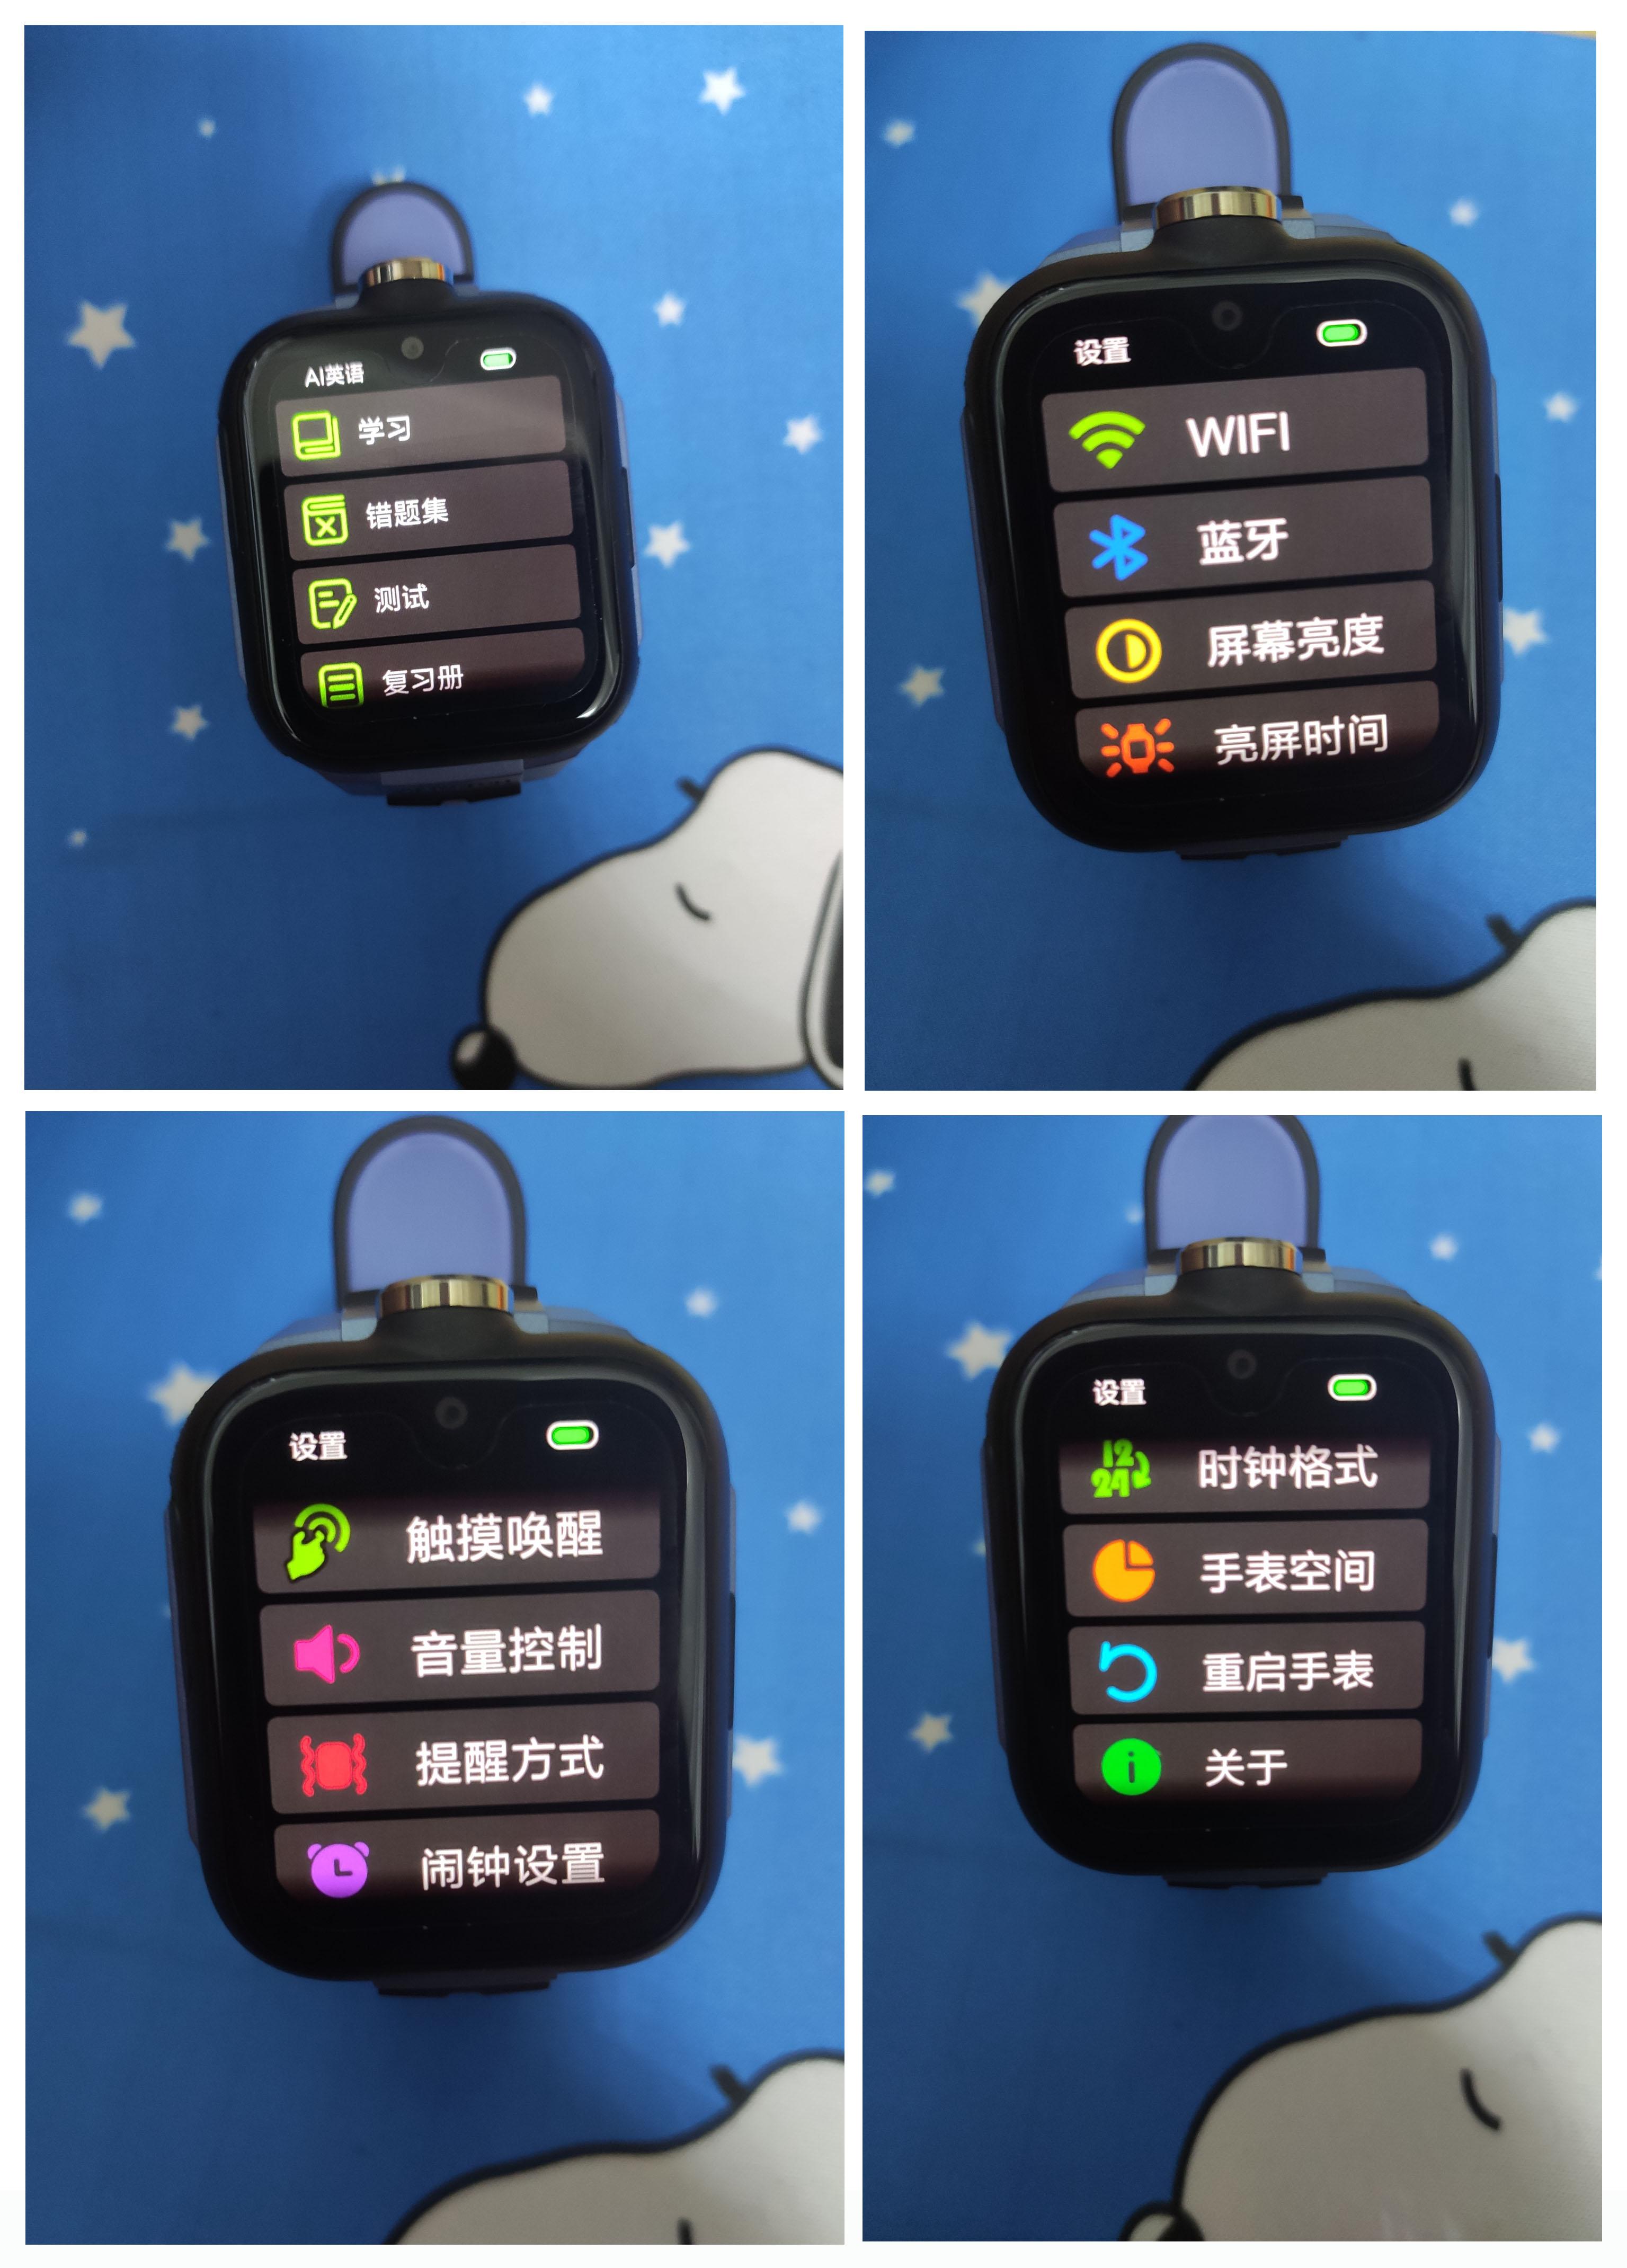 小寻y1儿童电话手表怎么样 方便儿童使用吗(知乎大V深度评价)